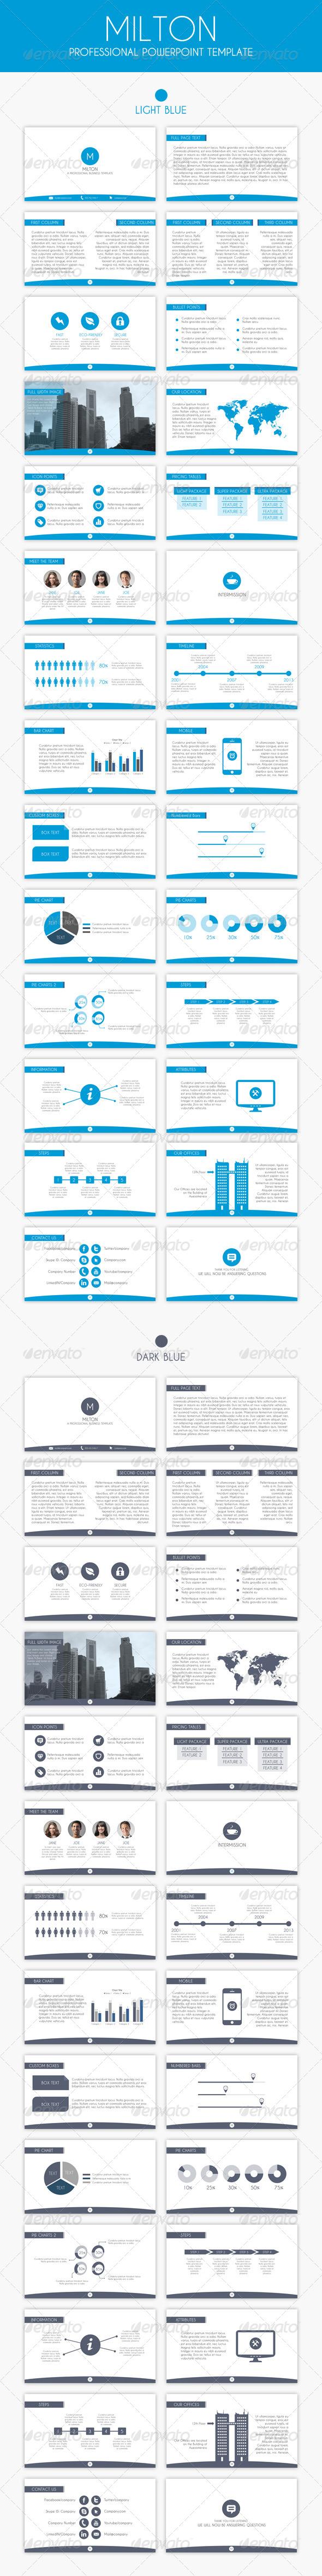 GraphicRiver Milton Professional Presentation 5968738